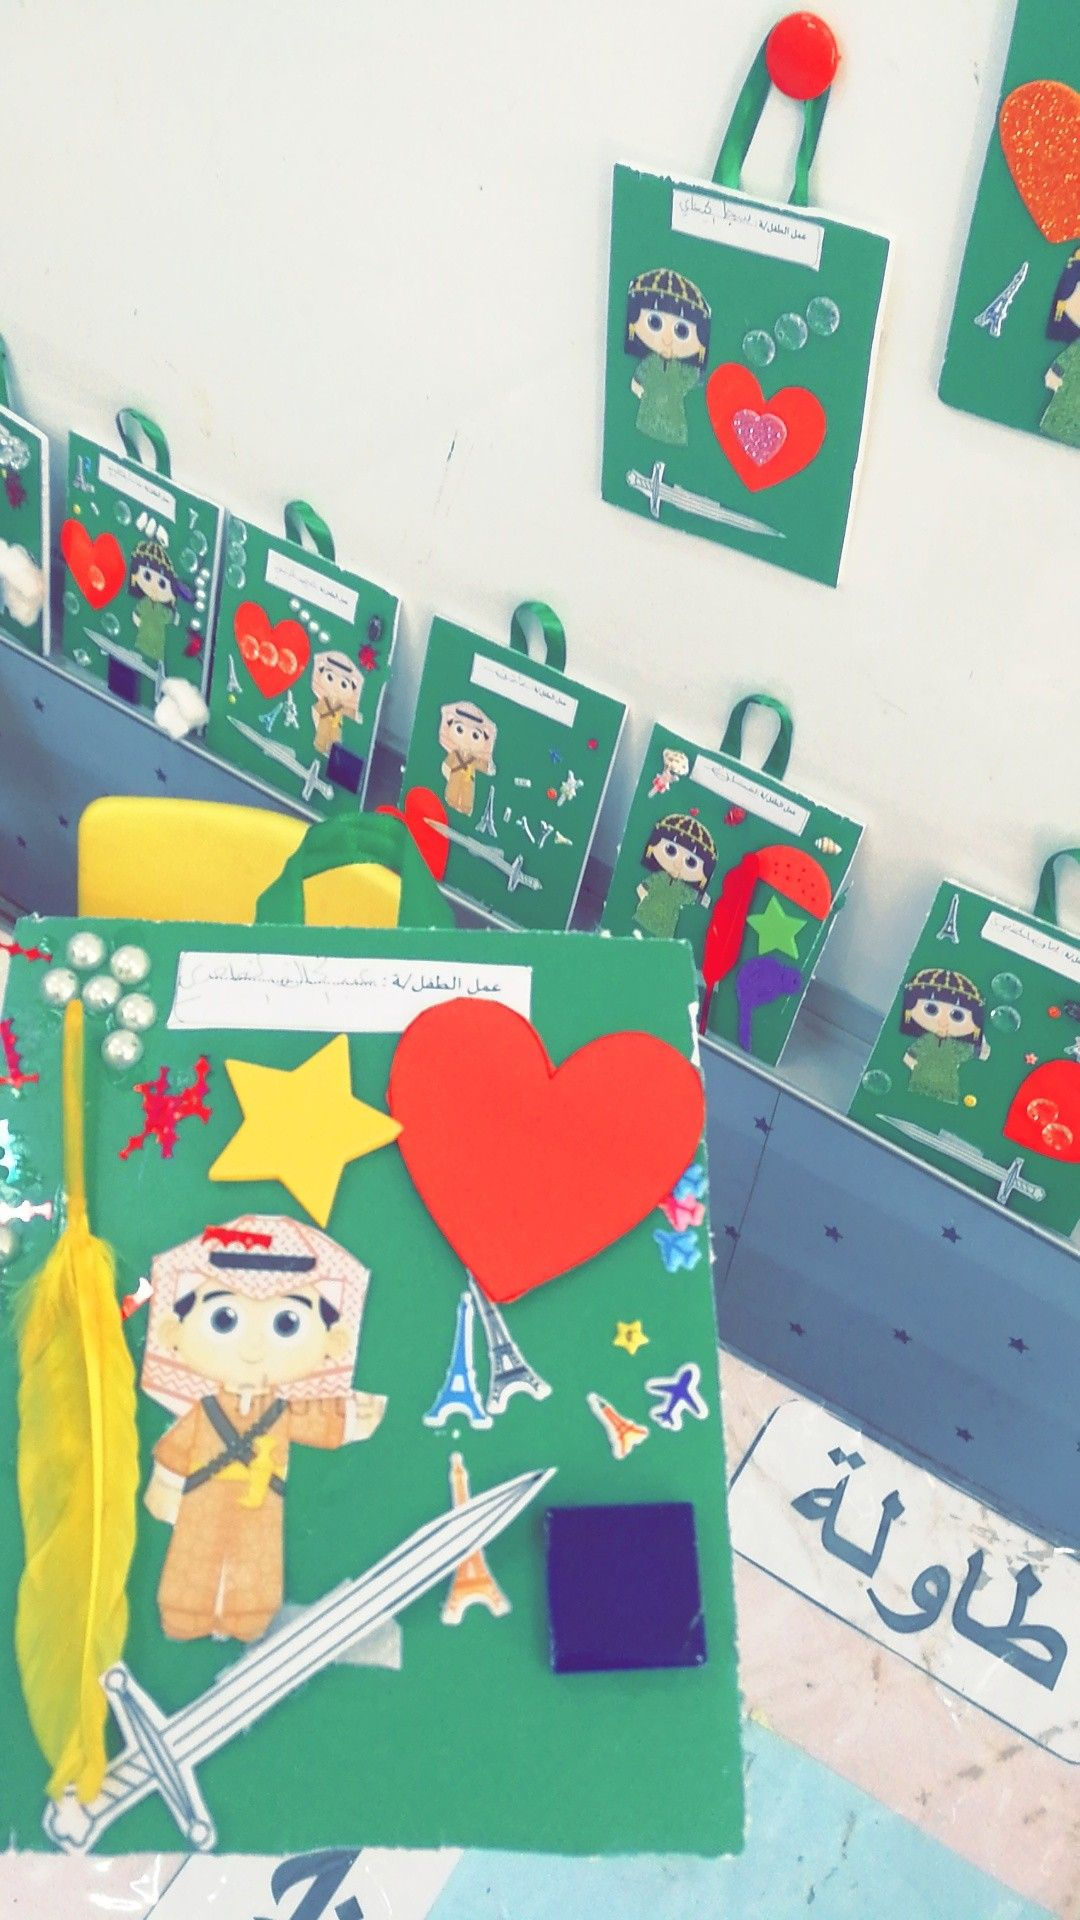 ركن فني وحدة وطني لوحة للطفل Ladybug Birthday Party Fun Crafts For Kids Activities For Kids